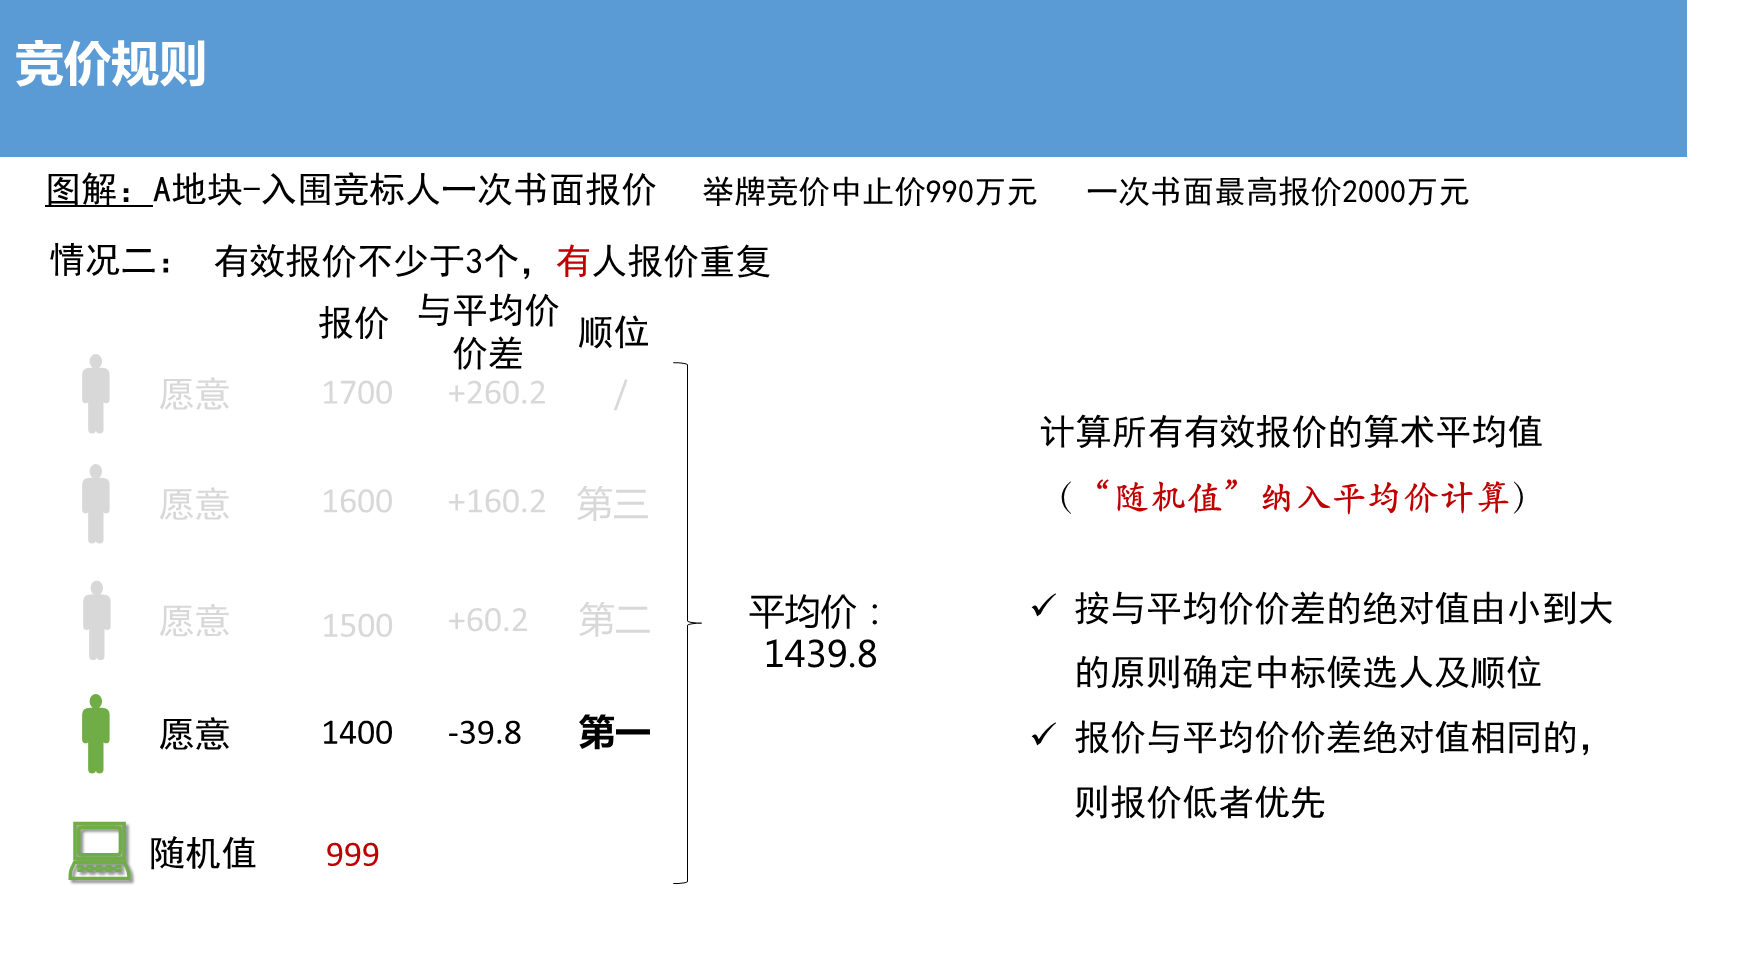 """光辉平台地址新增""""随机值"""" 上海土拍规则又做调整 业内:房企资金面临更严格审查"""